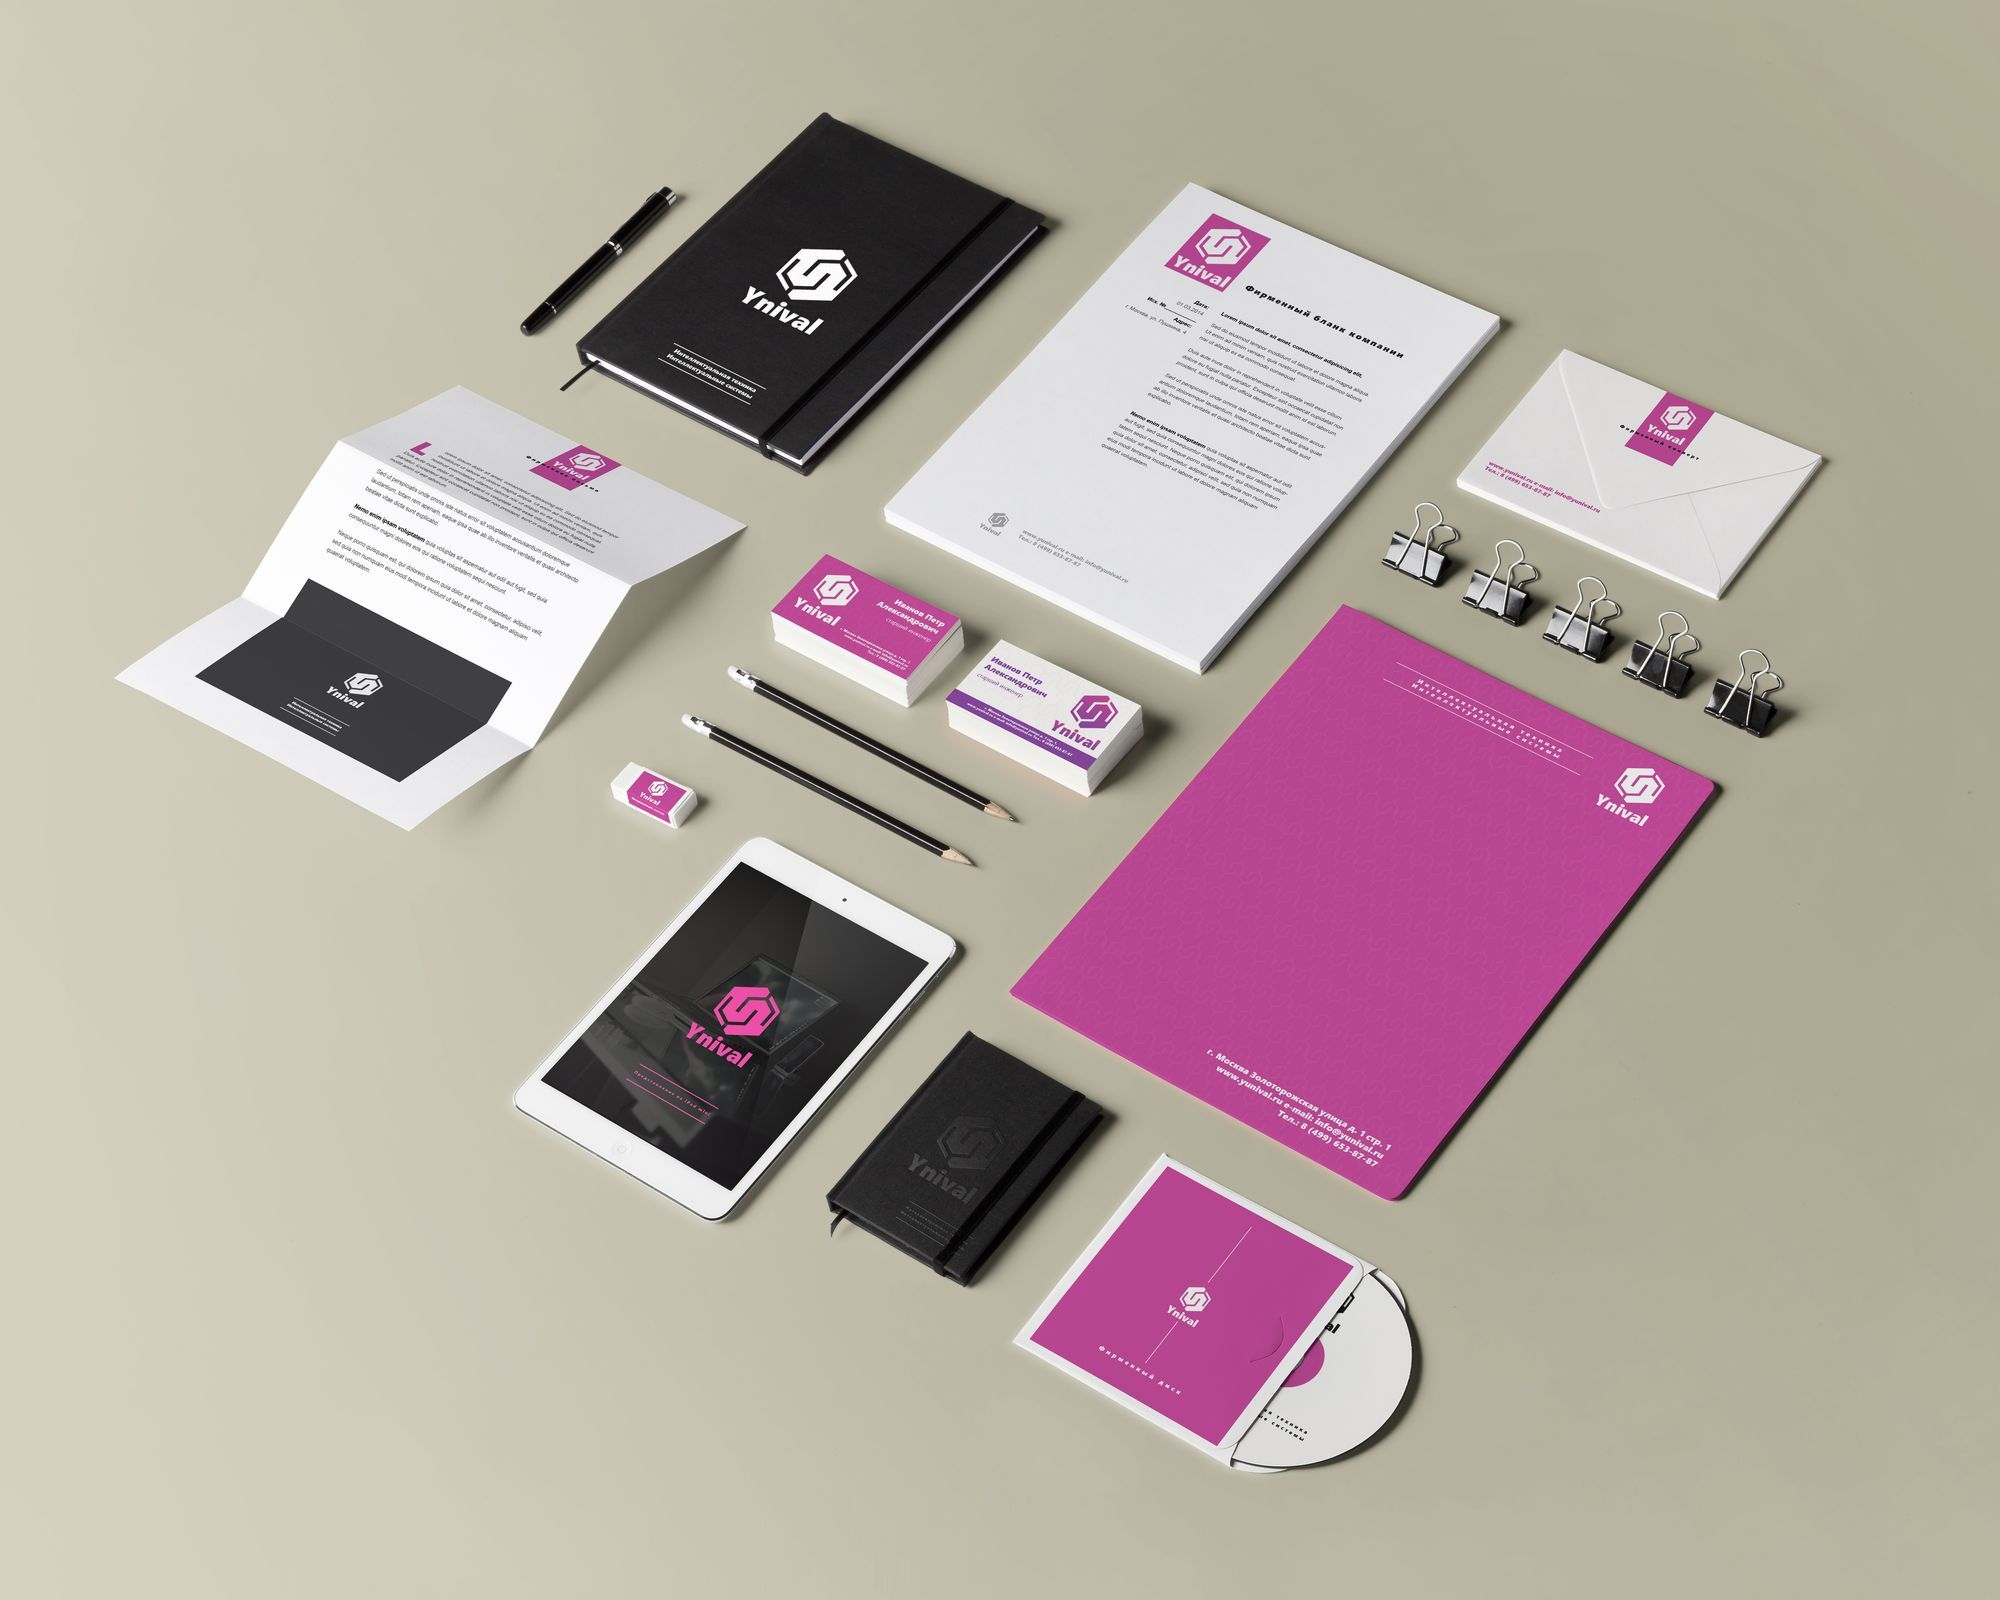 Логотип, фирменный стиль для Ай Ти компании - дизайнер arahmo